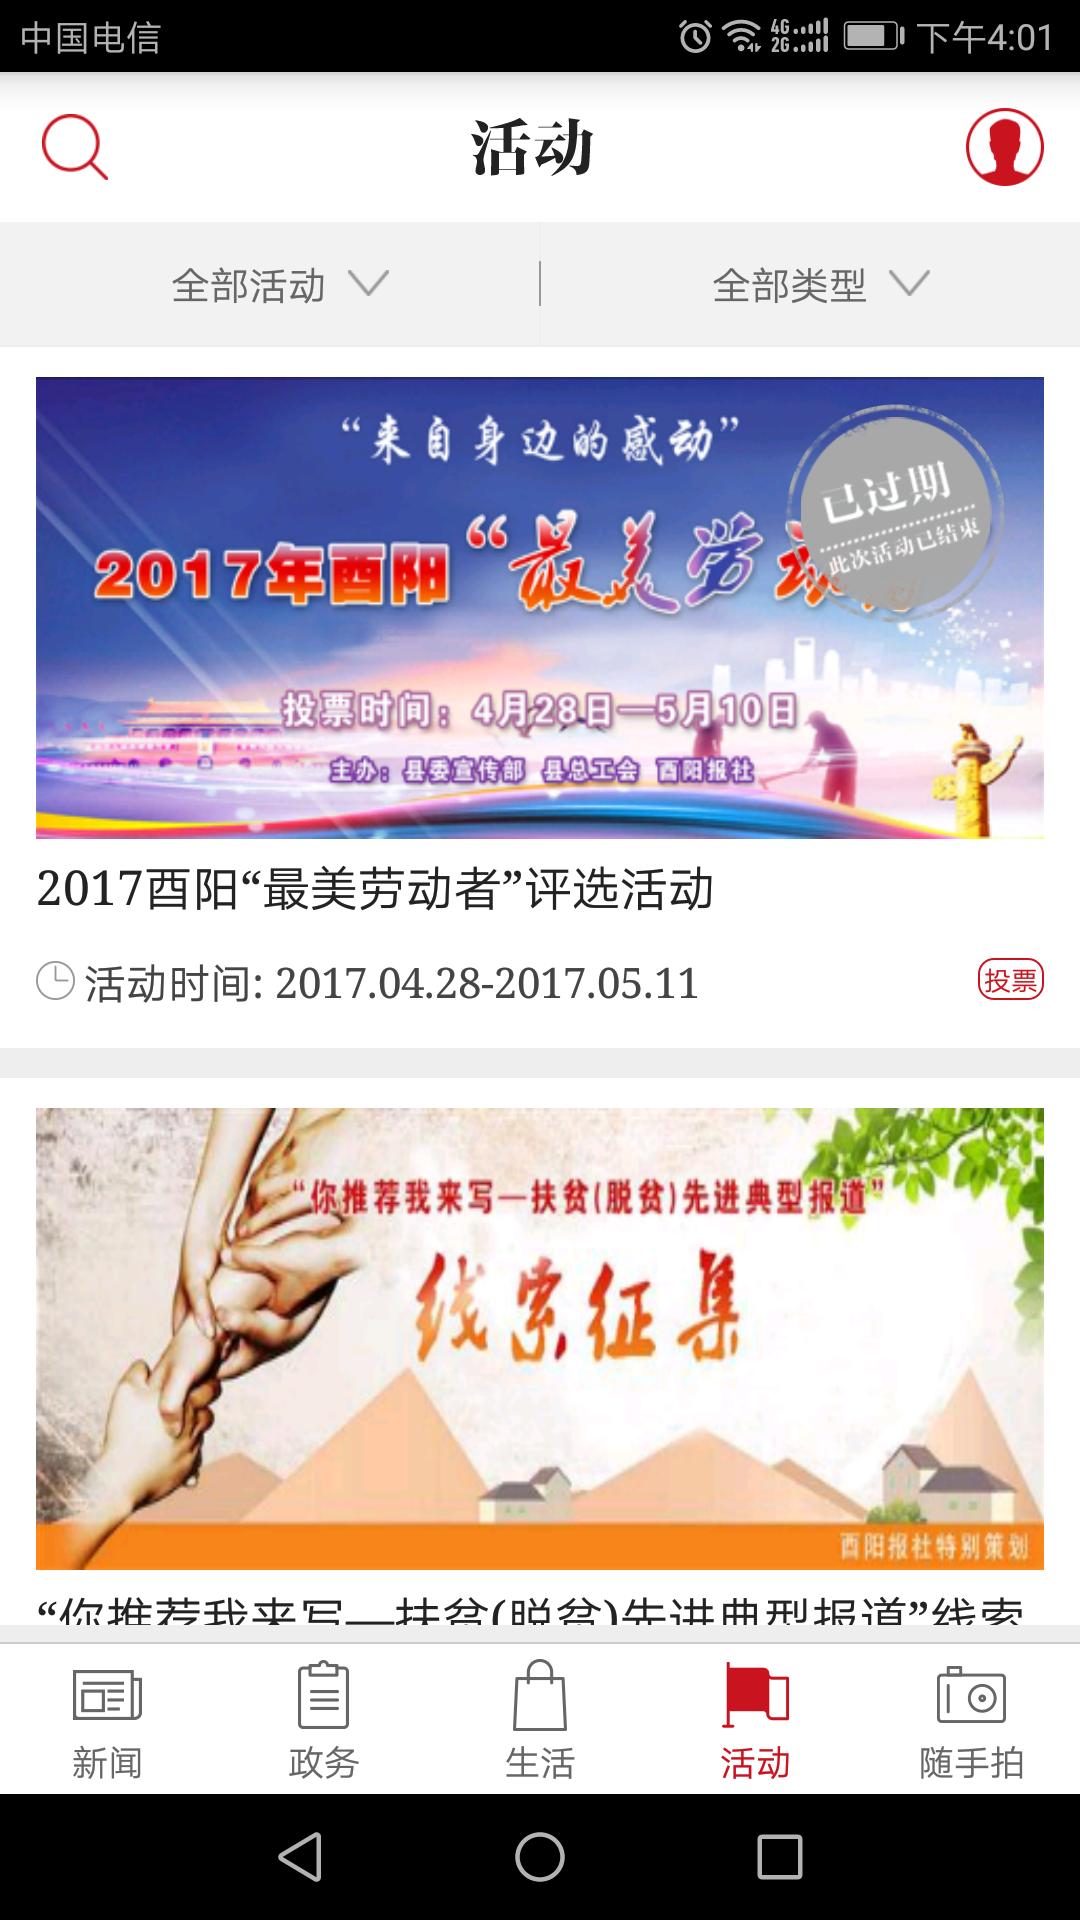 酉州城事 V2.0.8 安卓版截图1